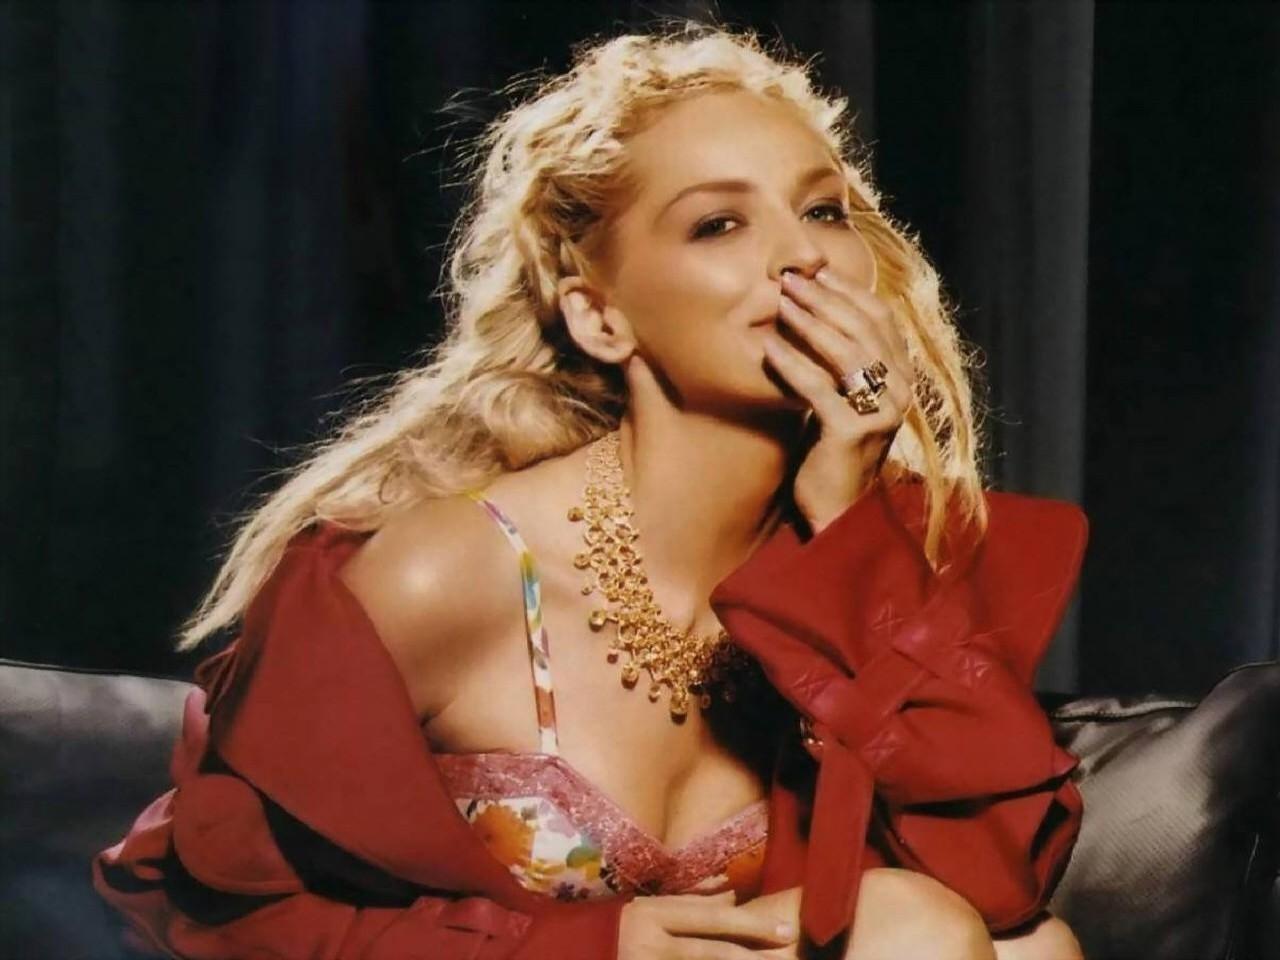 Wallpaper di Sharon Stone, sexy signora in rosso